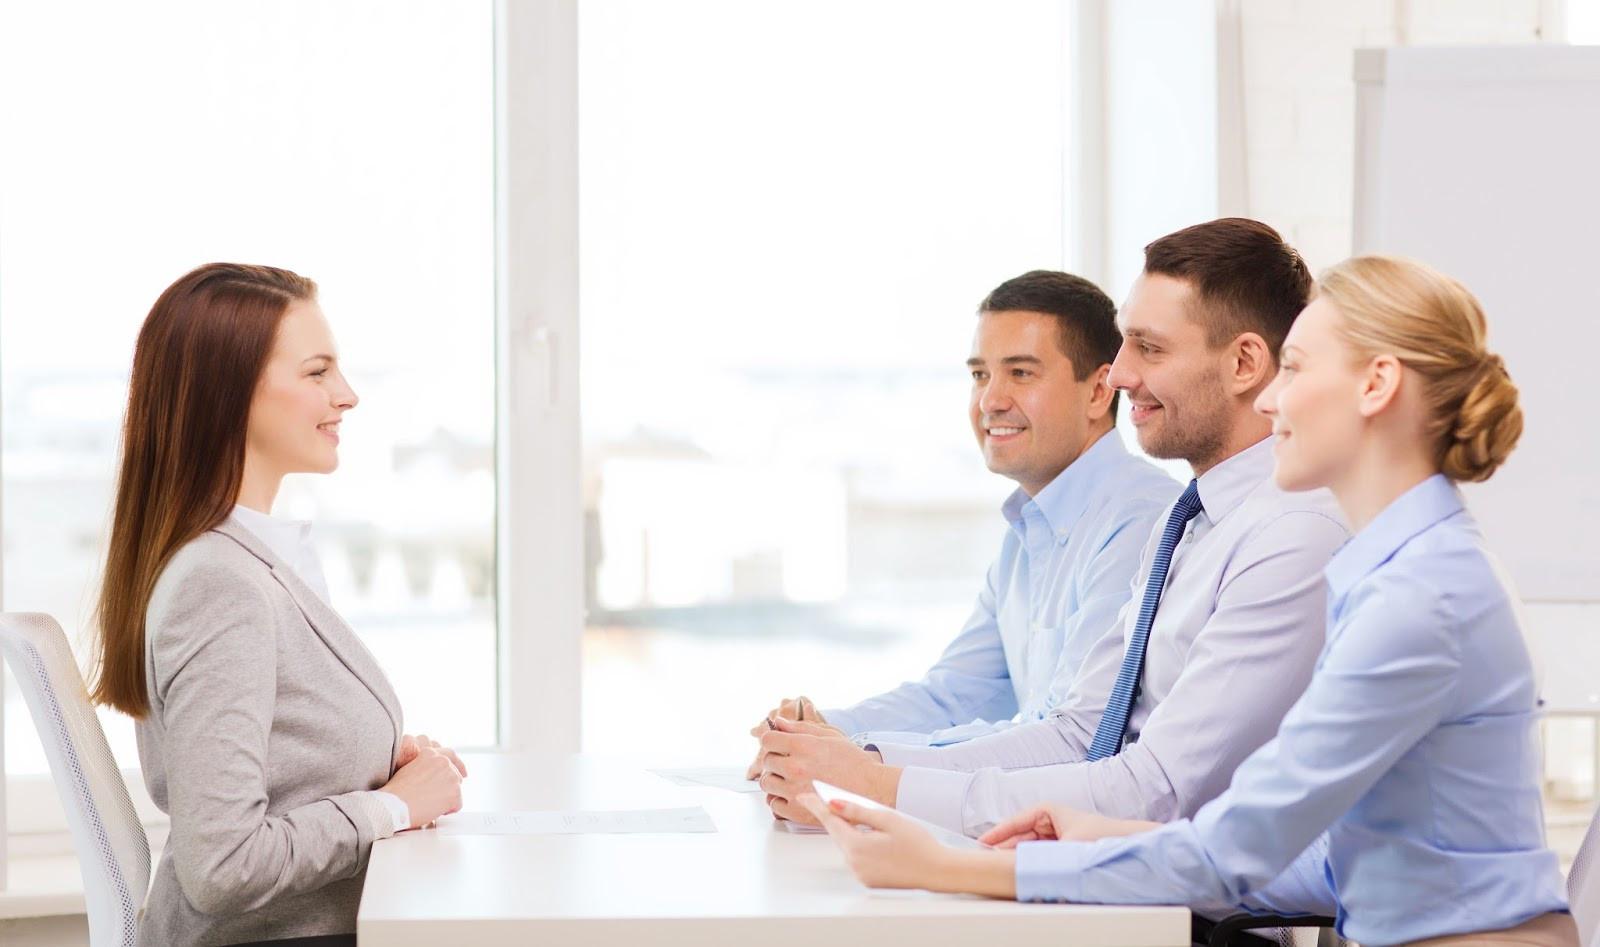 Chi tiết 3 bước tạo ấn tượng tốt trong phỏng vấn xin việc